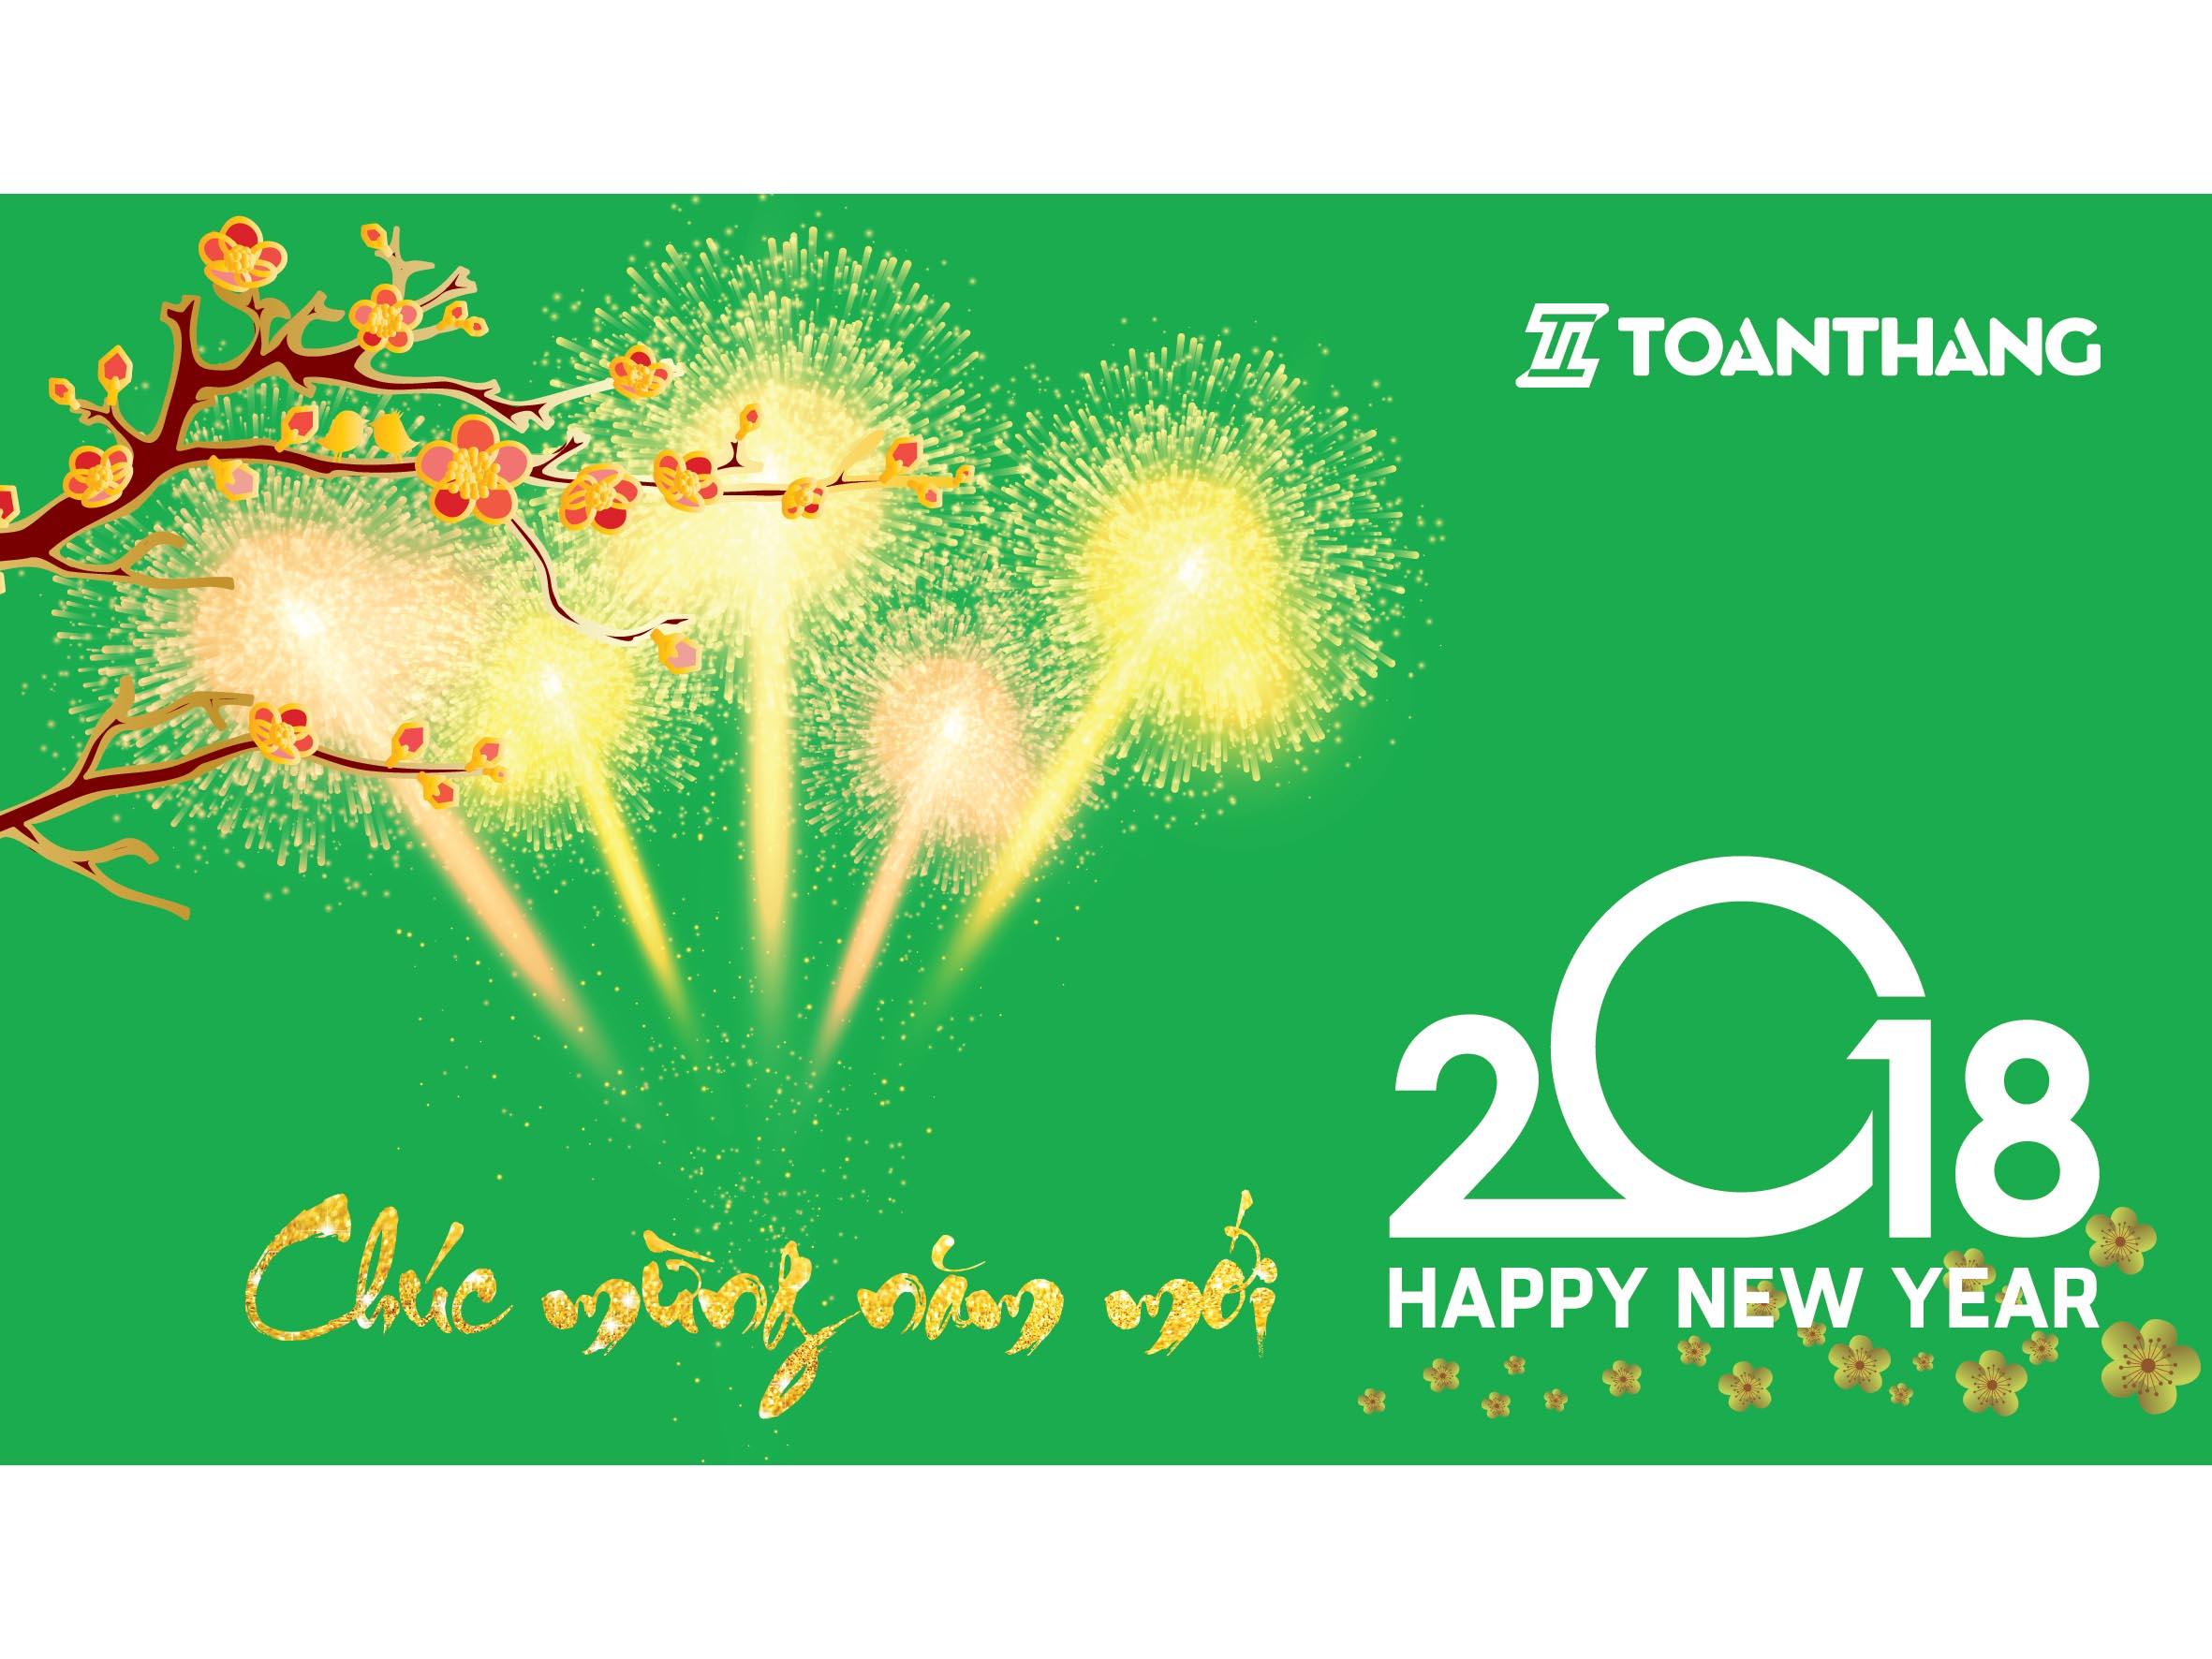 Công ty Toàn Thắng thông báo lịch nghỉ tết dương lịch 2018